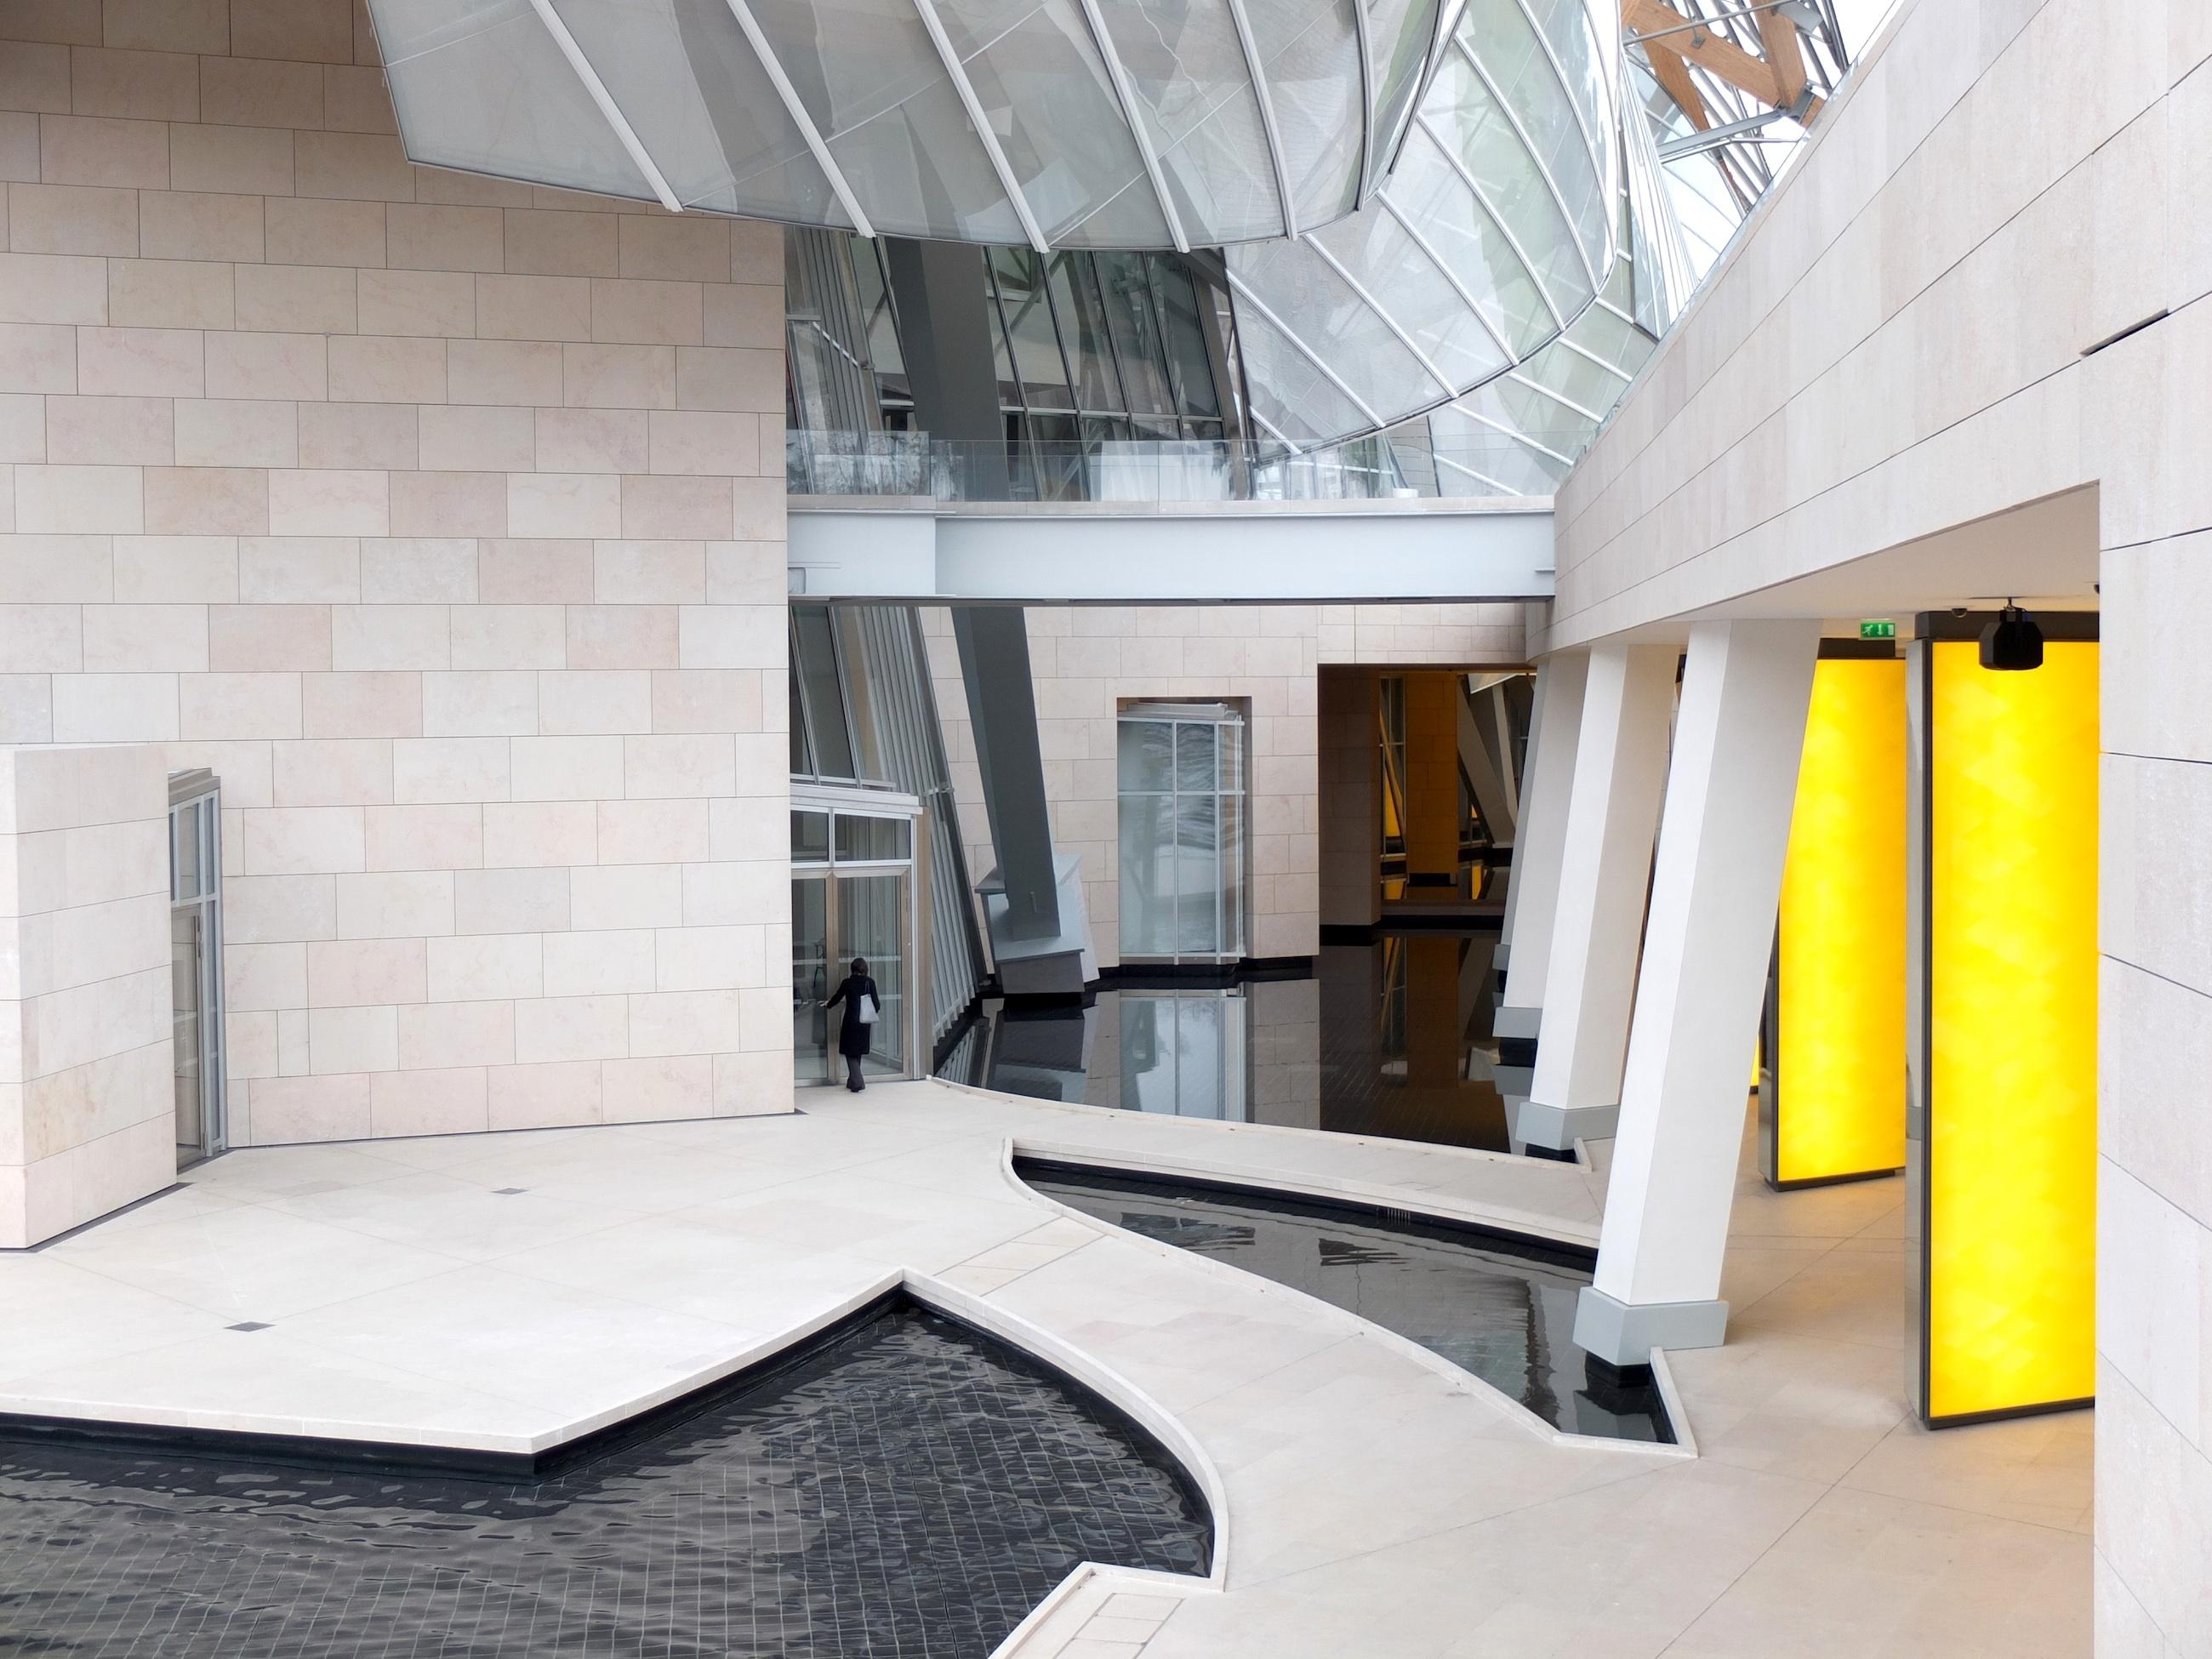 Vaisseau spécial :Fondation Louis Vuitton